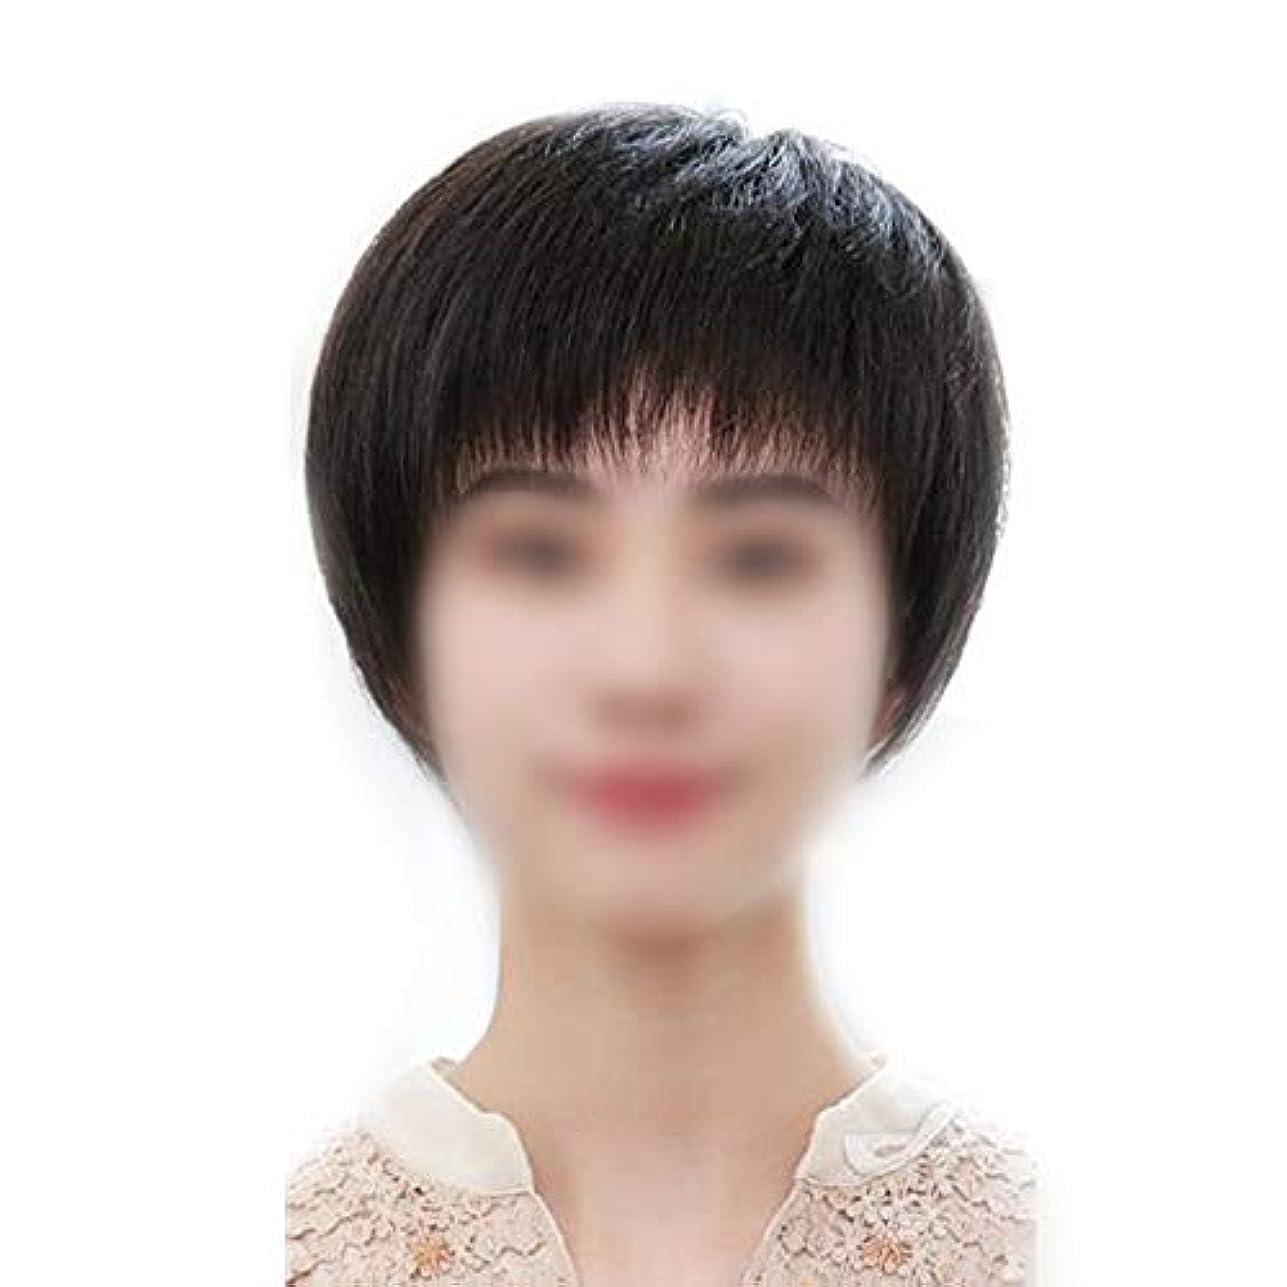 素晴らしさ機知に富んだマーガレットミッチェルYOUQIU 女子ショートヘアのフルハンド織実ヘアウィッグ現実的な自然に見えるウィッグ (色 : Dark brown)